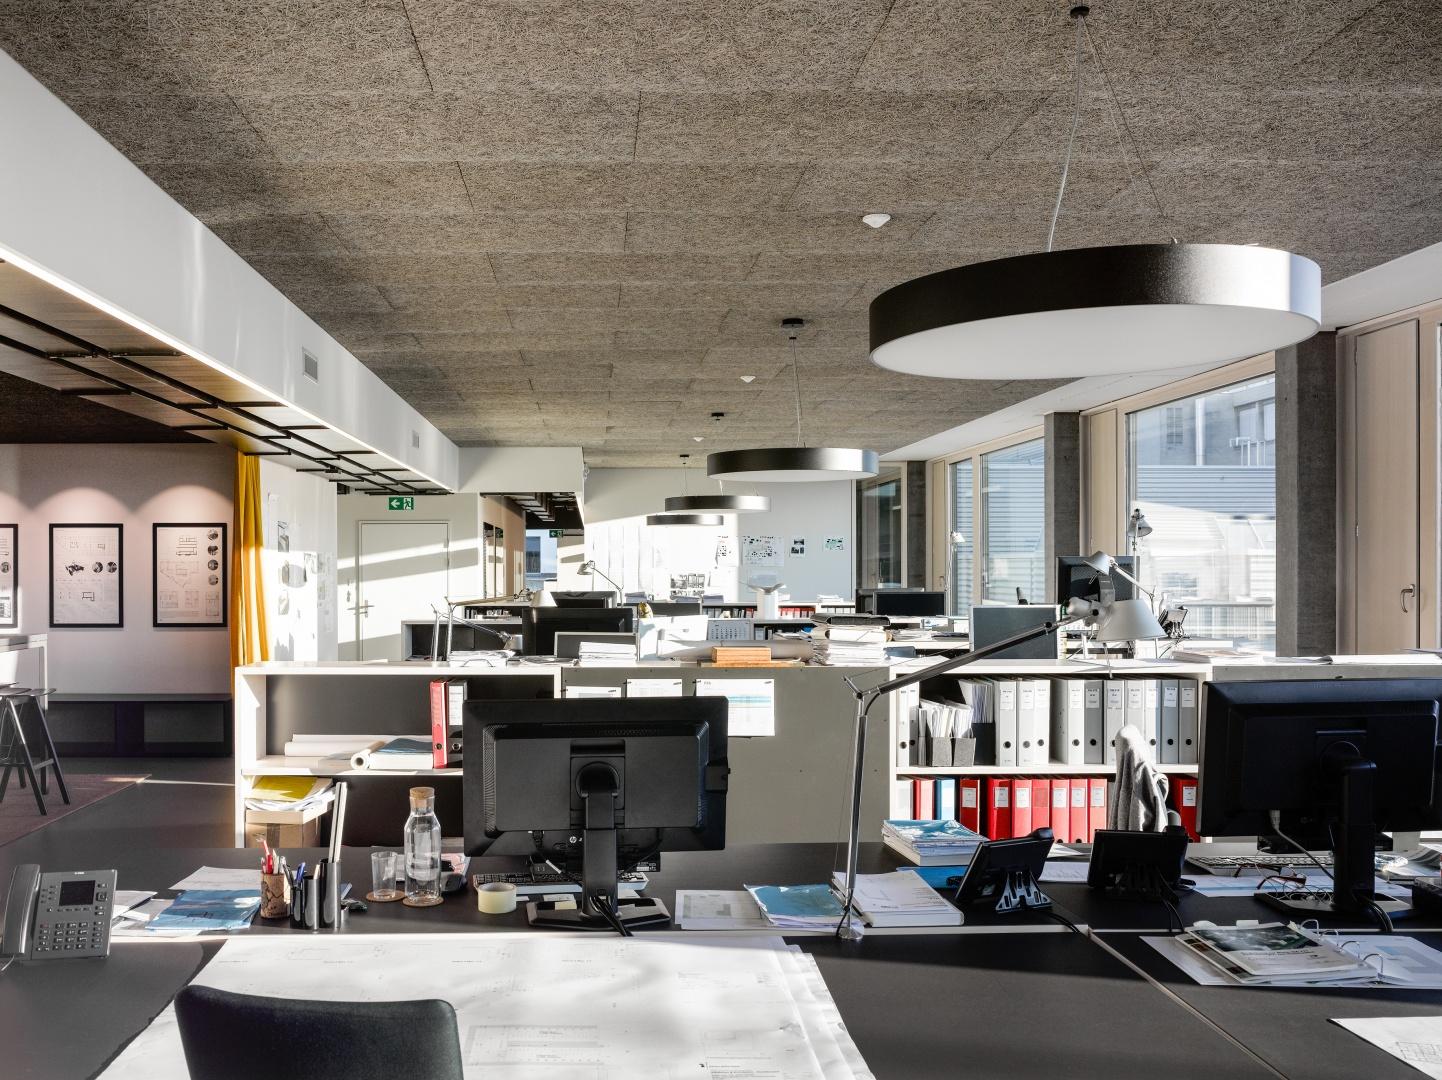 Bürolandschaft © Johannes Marburg, Genf